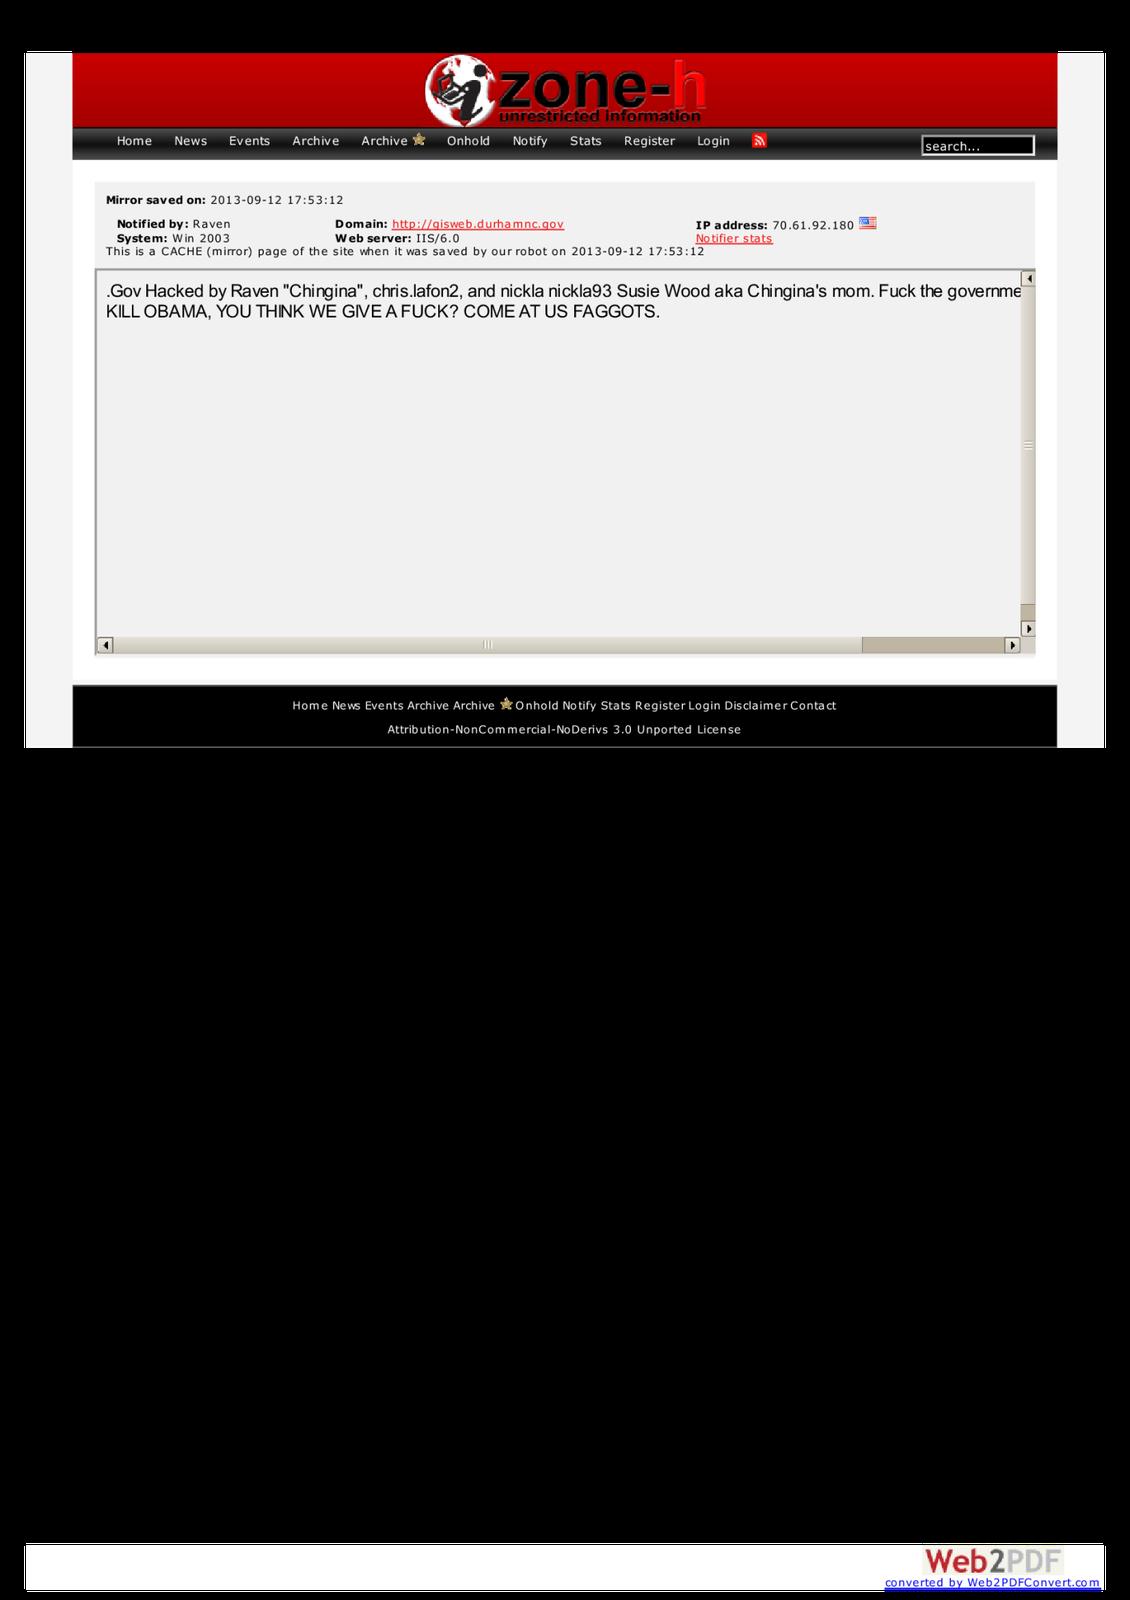 Caroline du Nord: Site Officiel piraté, le pirate informatique menace de tuer Obama